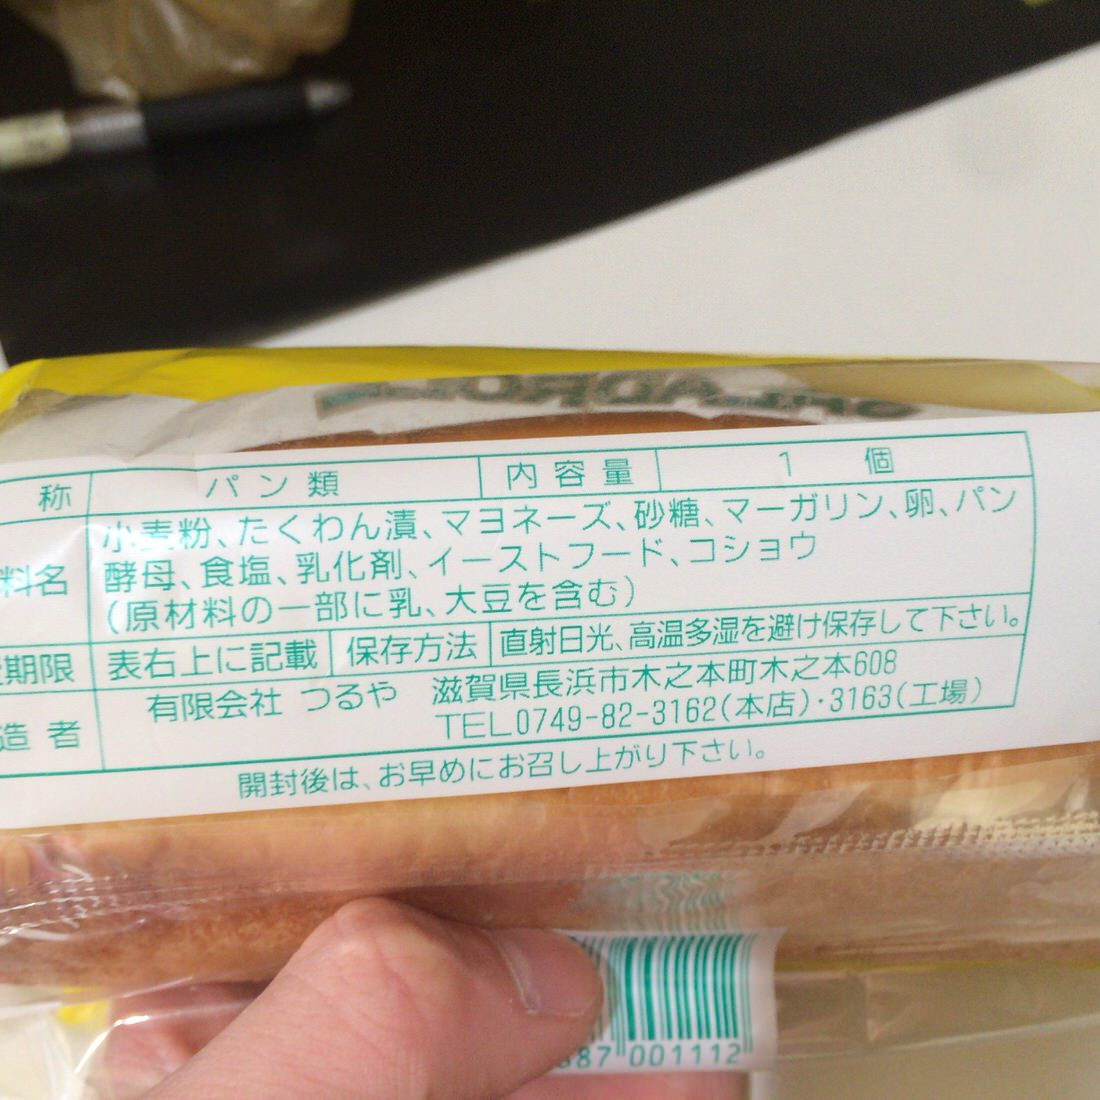 サラダパン-たくわん漬け